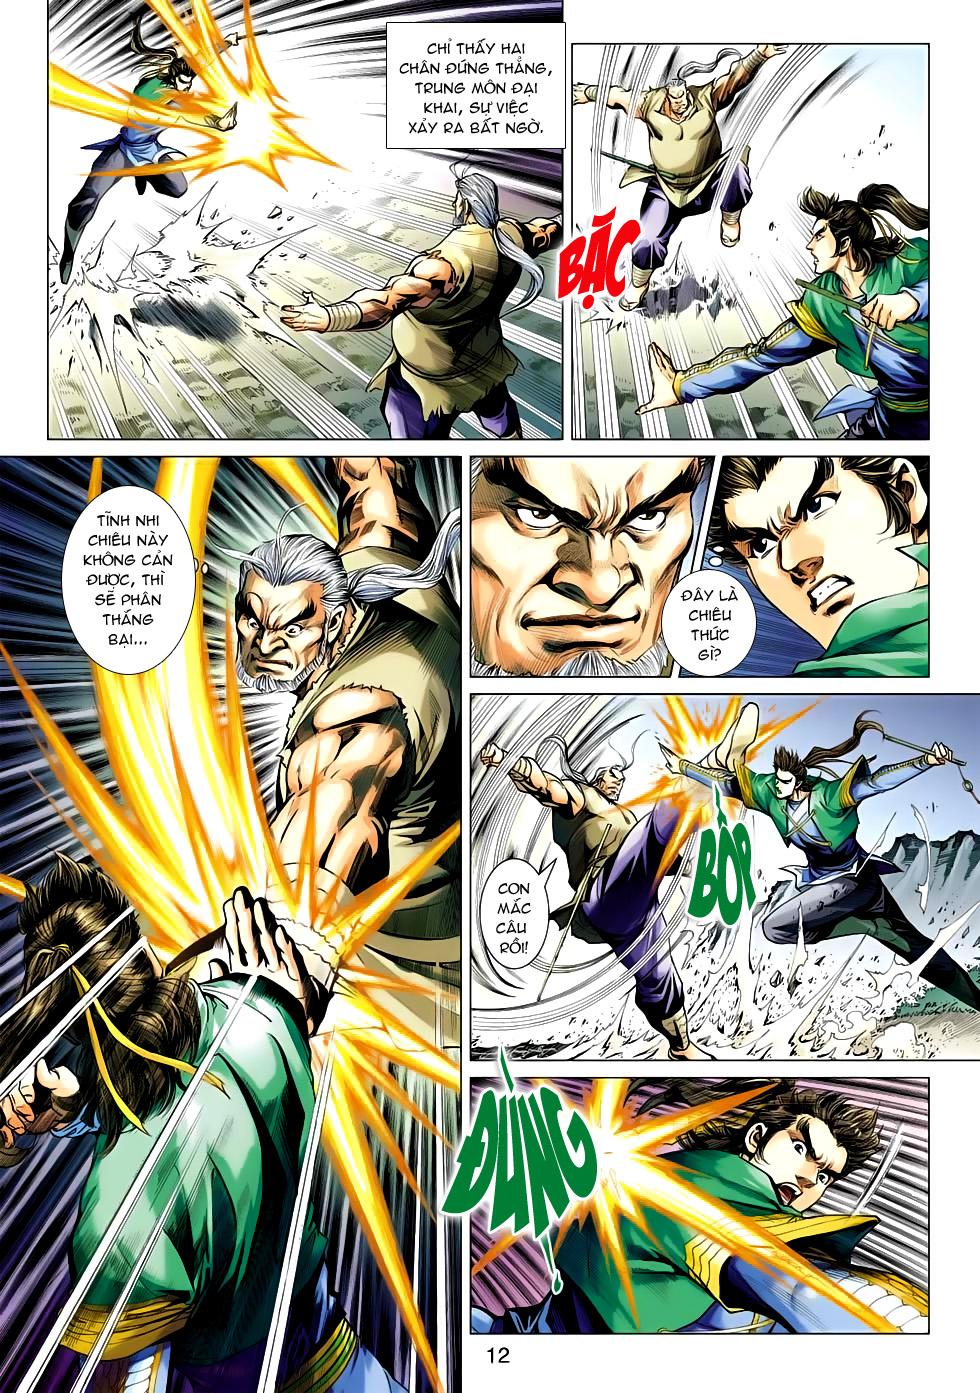 Xạ Điêu Anh Hùng Truyện chap 100 – End Trang 12 - Mangak.info